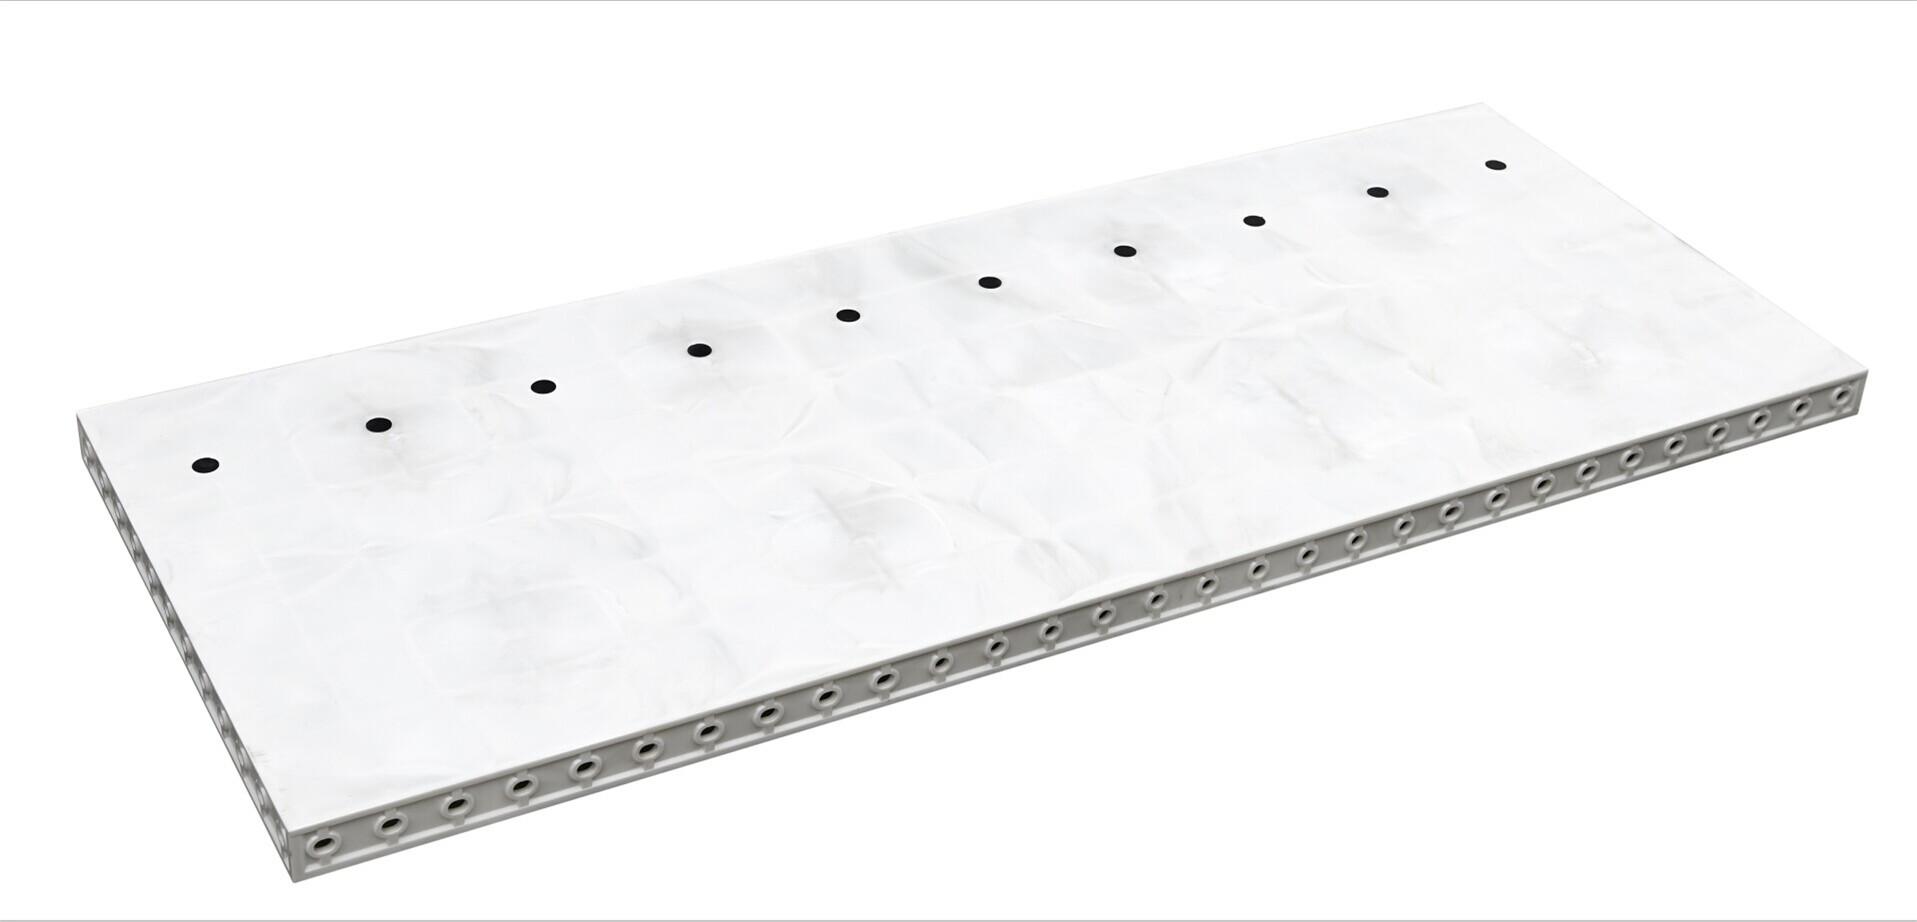 建筑用平面塑料模板